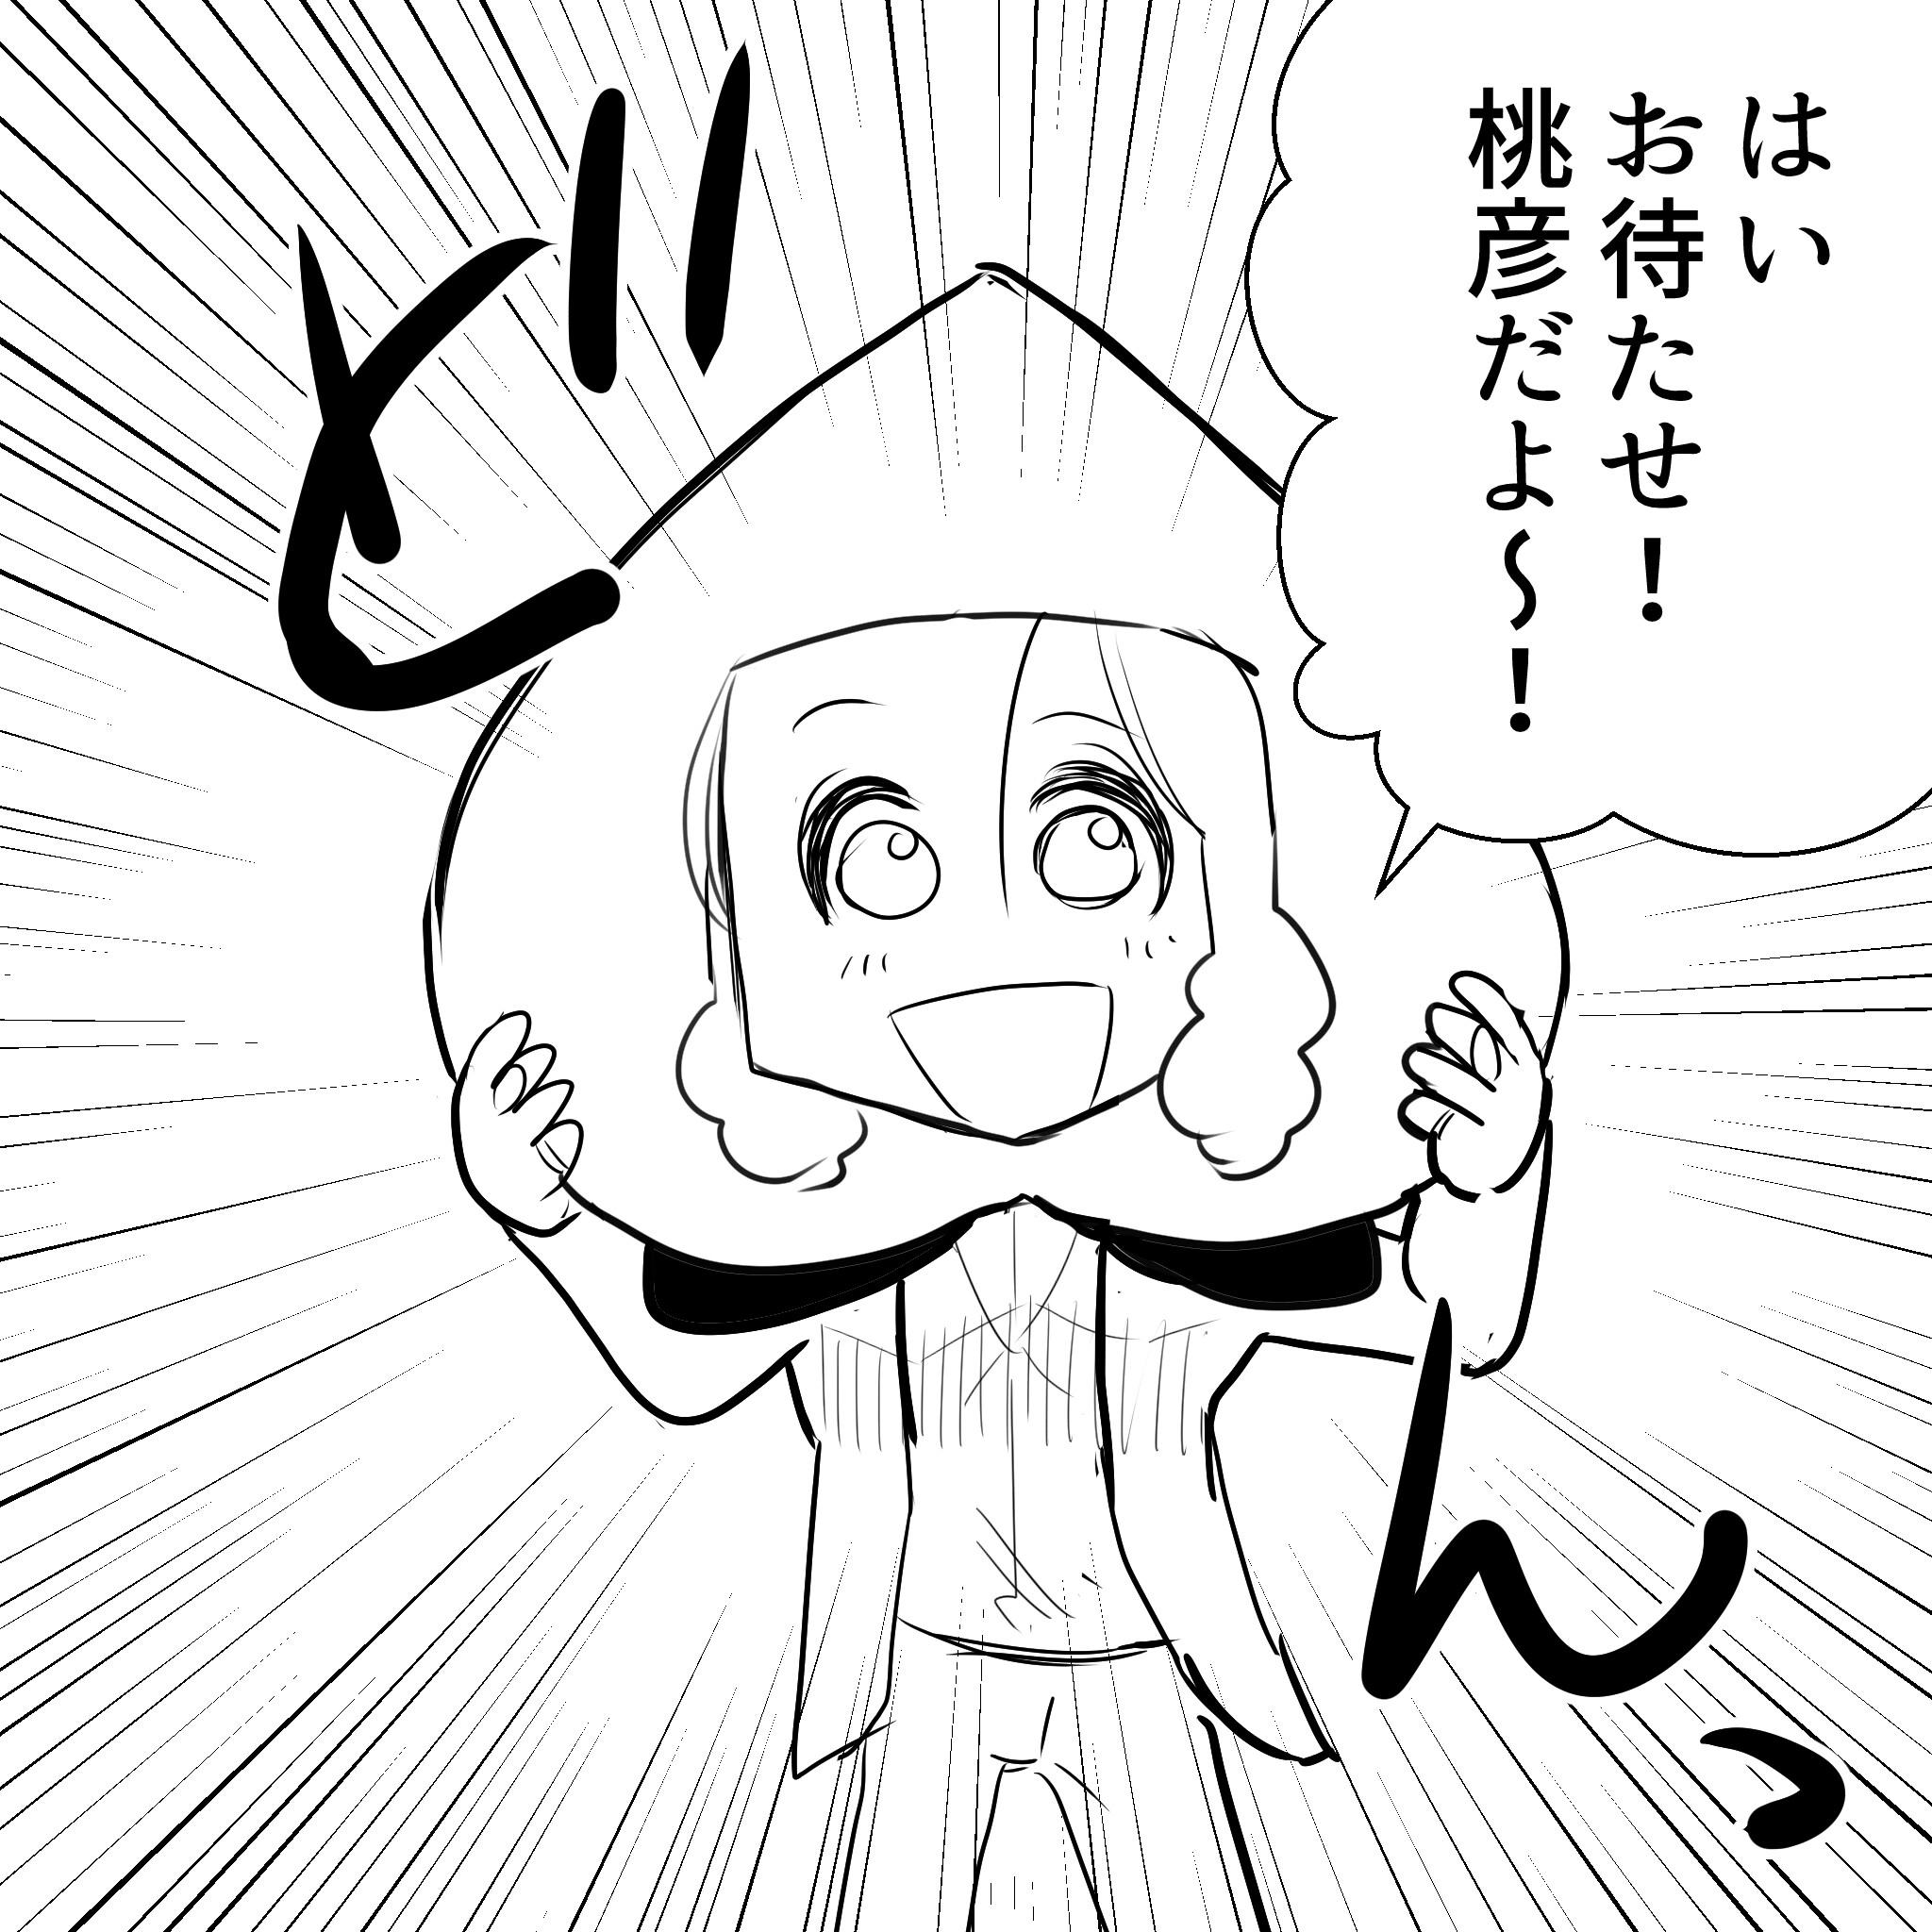 坂崎さんのすきなフルーツ3